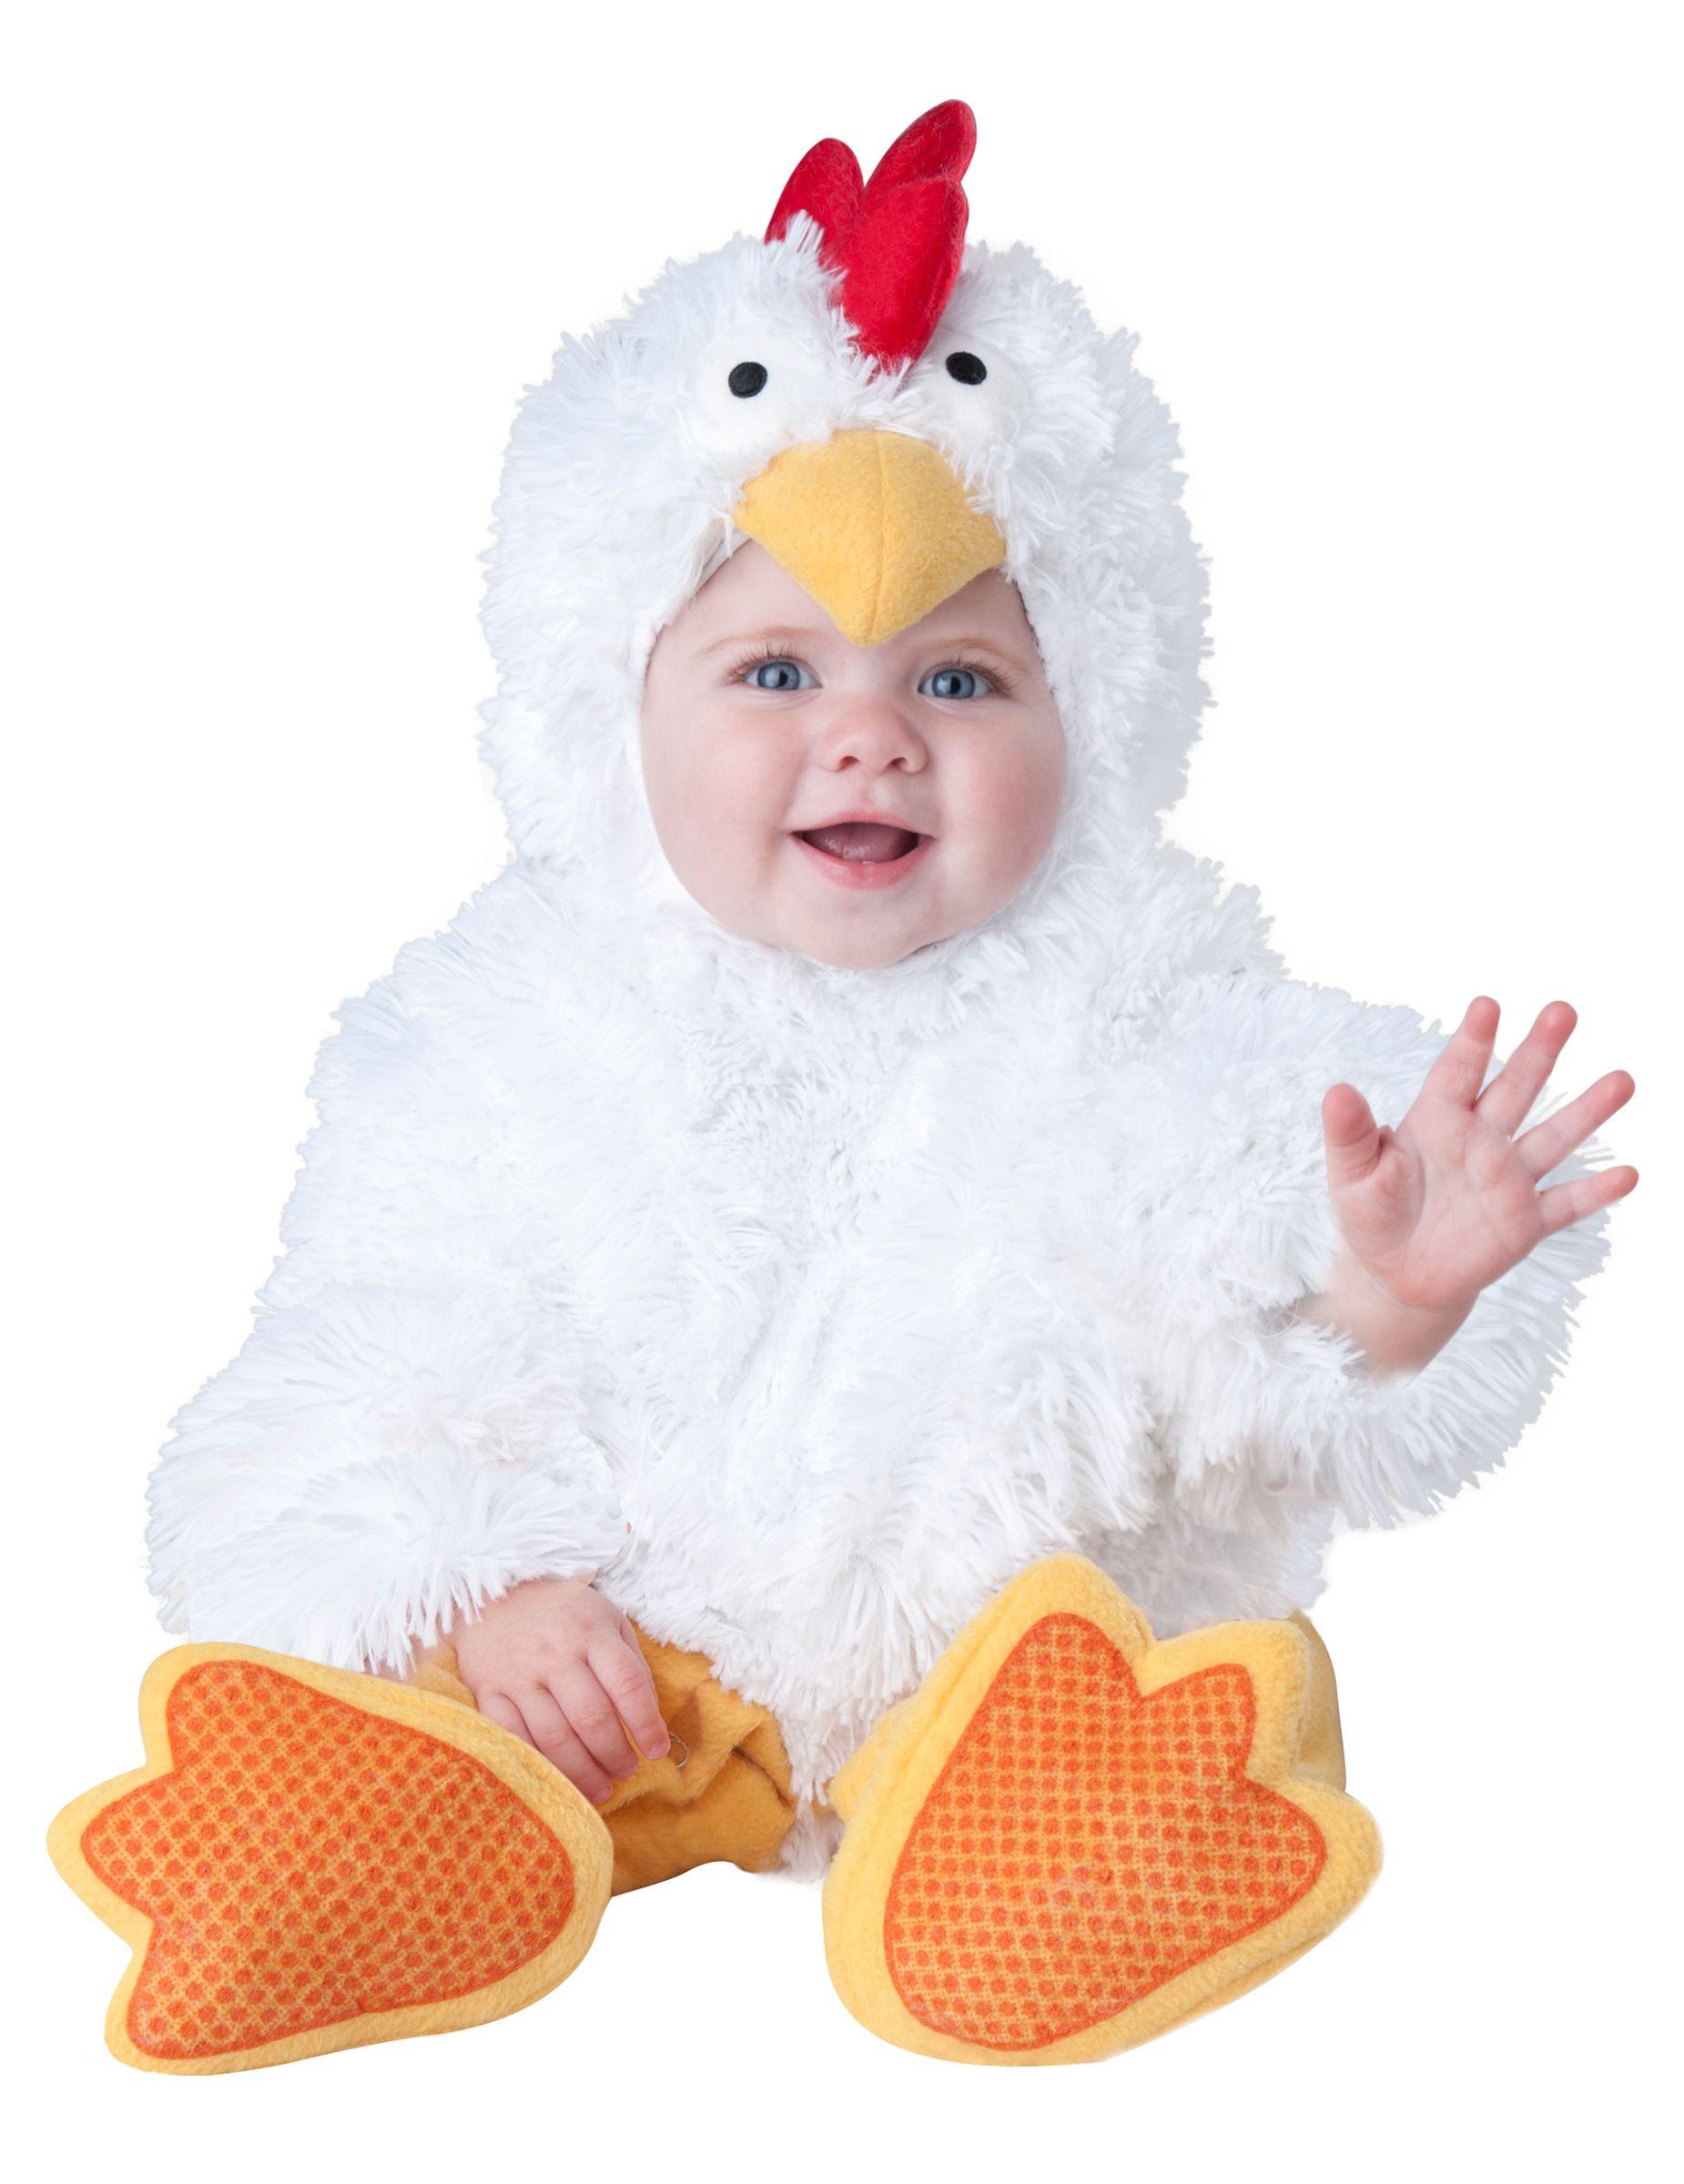 Halloween Verkleedkleding Kind.Kleine Kip Kostuum Voor Kinderen Luxe Masky Baby